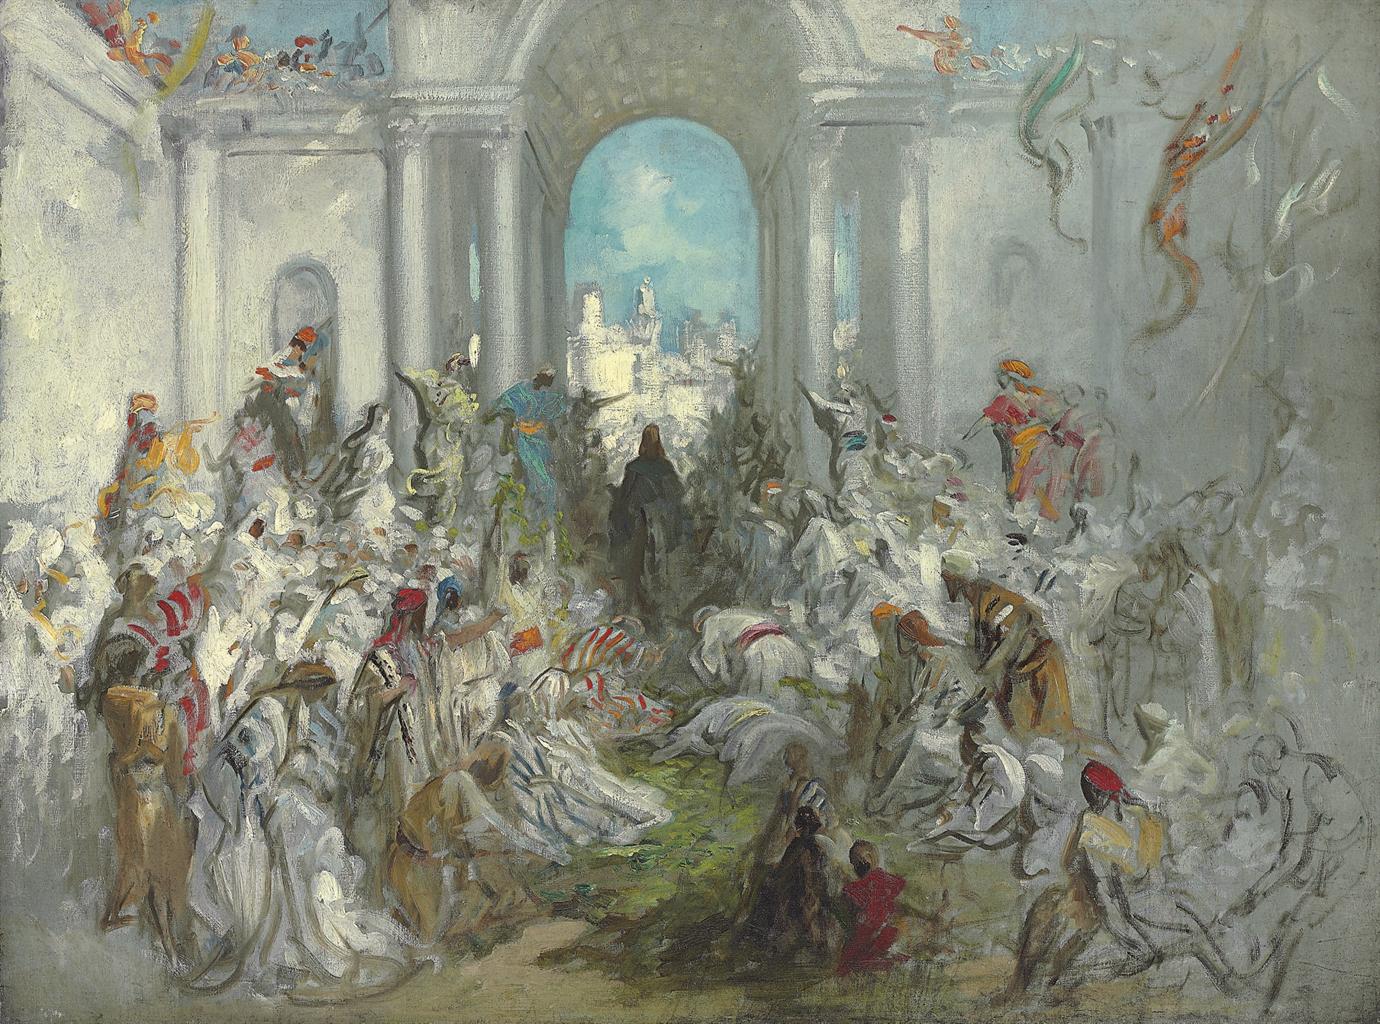 Christ's Entry into Jerusalem by Gustave Doré